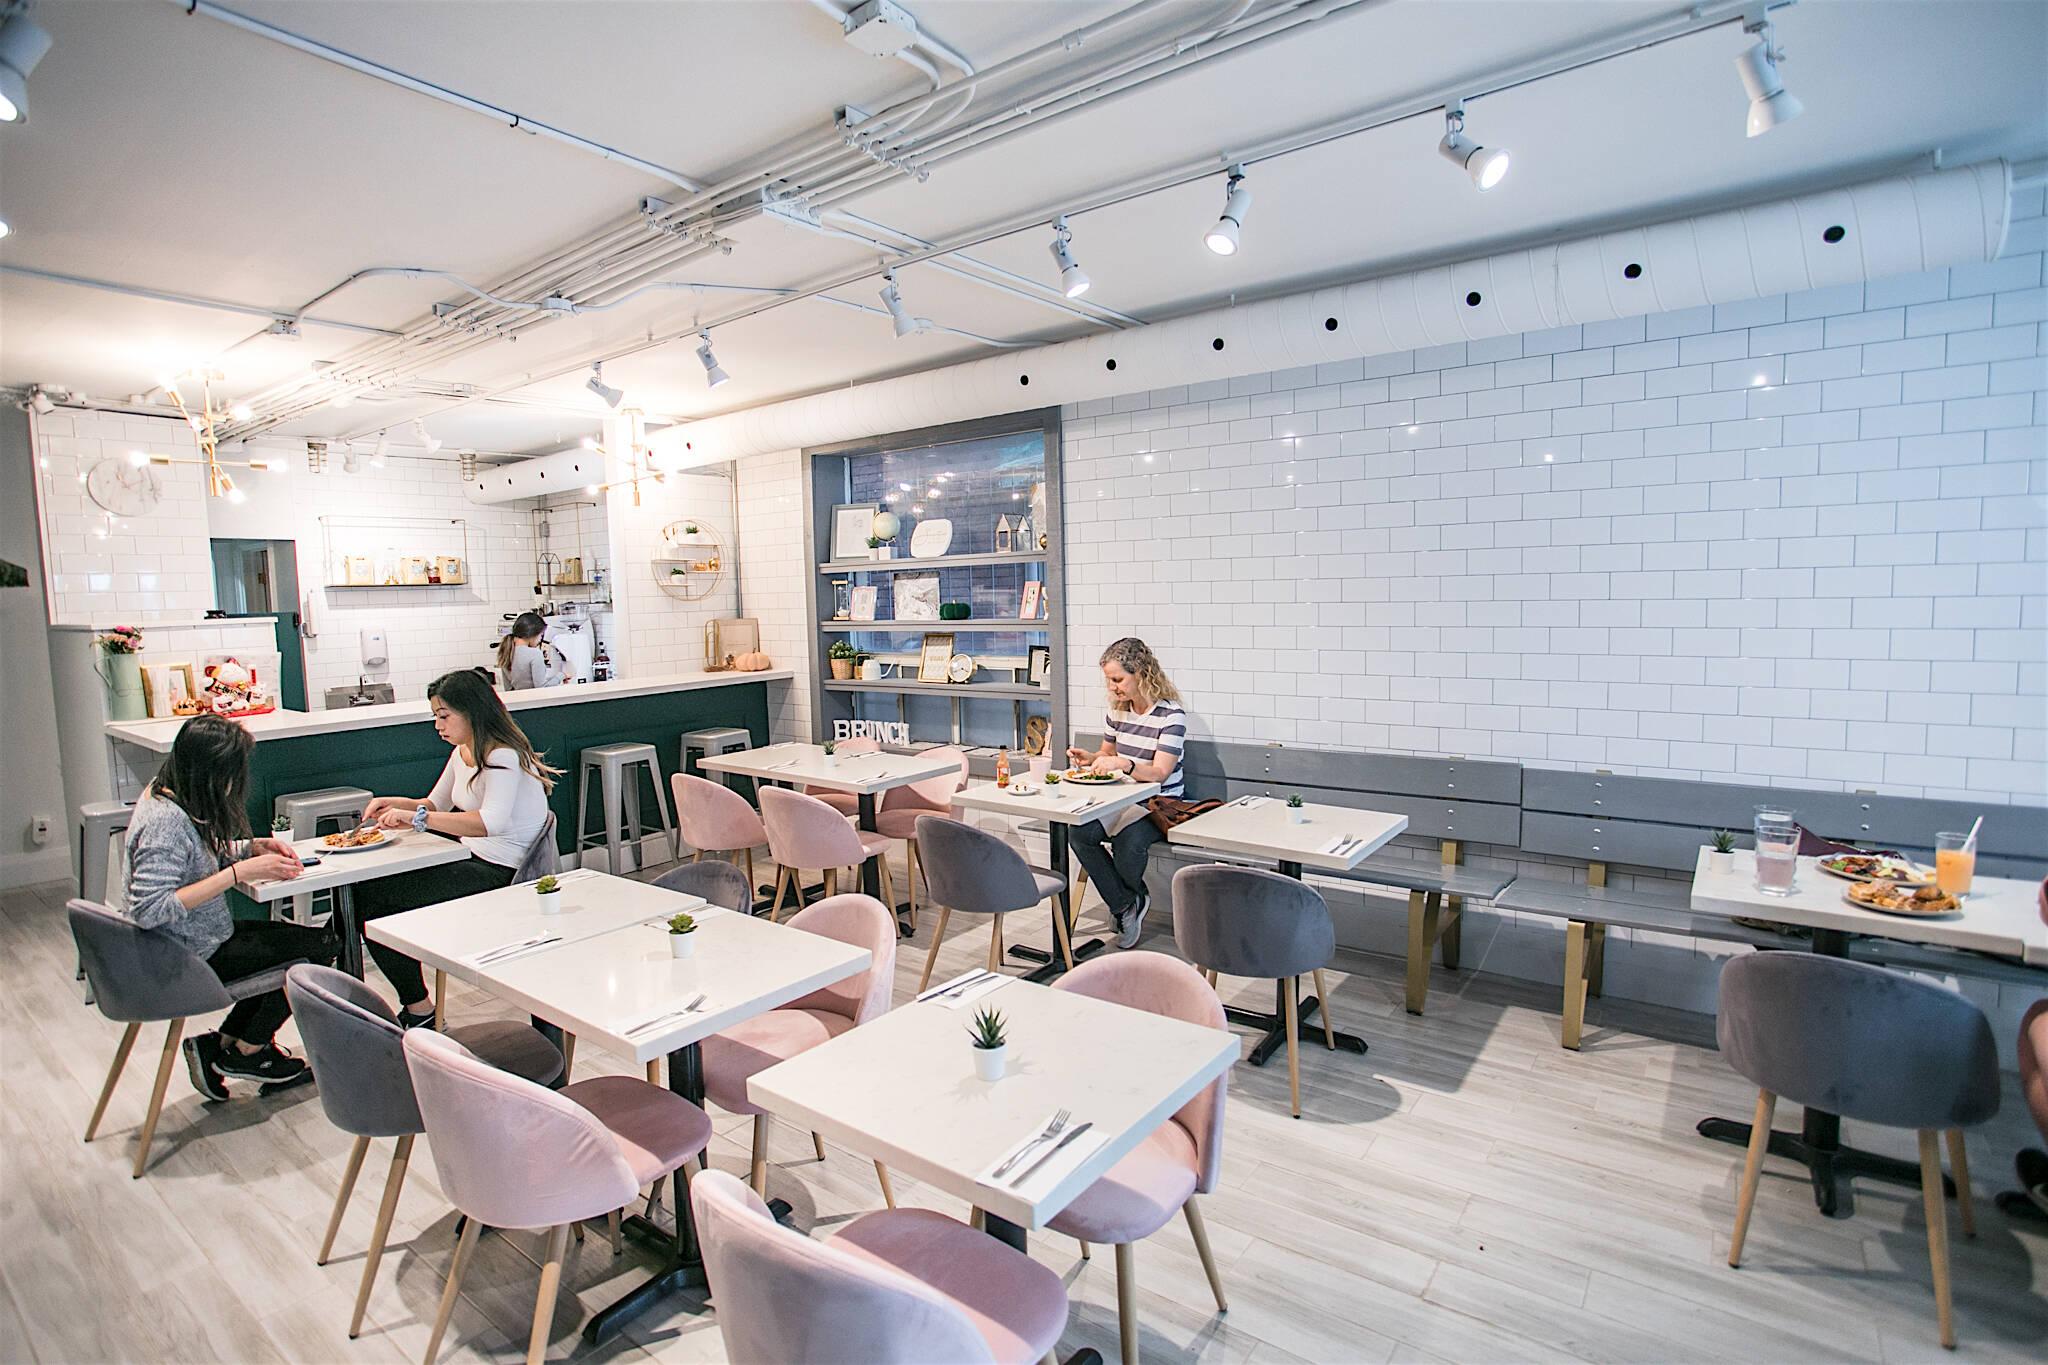 toronto restaurants reopen